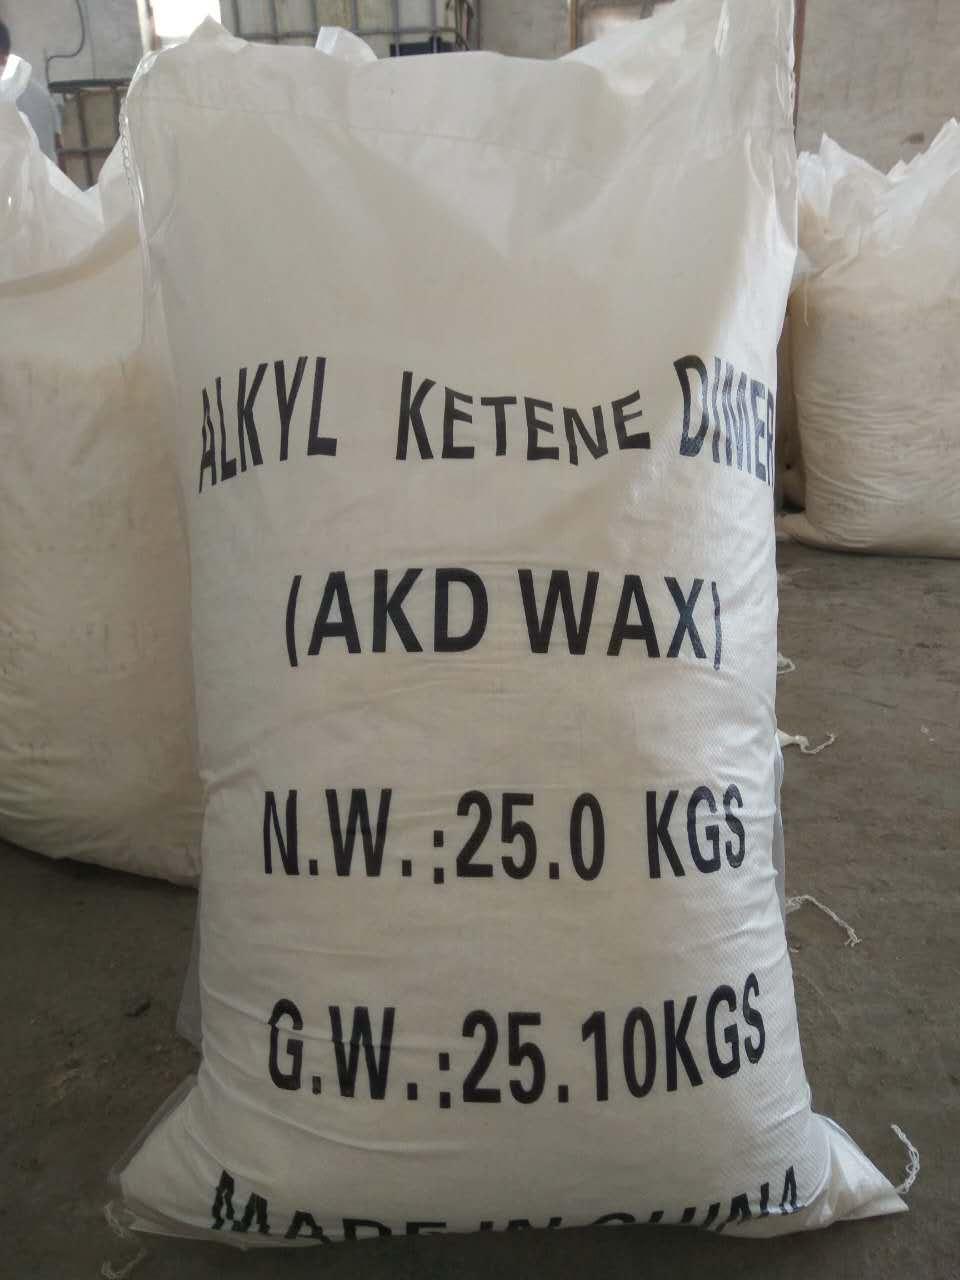 AKD蜡粉,AKD蜡粉厂家